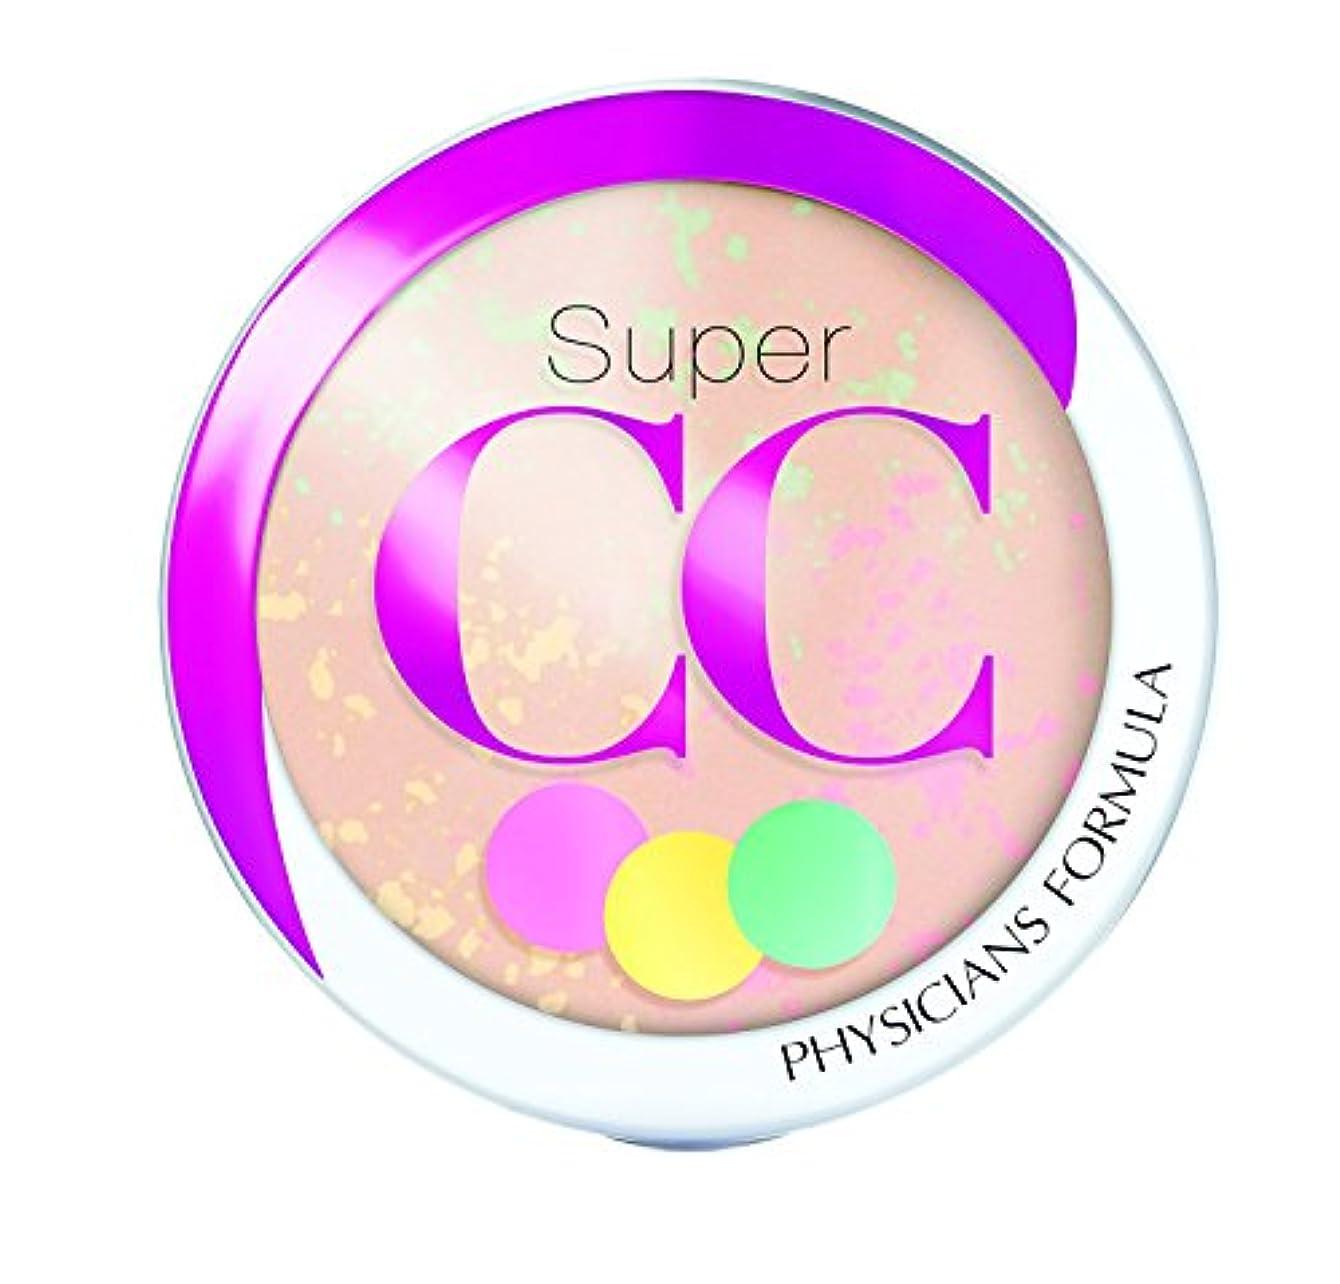 講師また明日ねレンダリングPHYSICIANS FORMULA Super CC+ Color-Correction + Care CC+ Powder SPF 30 - Light/Medium